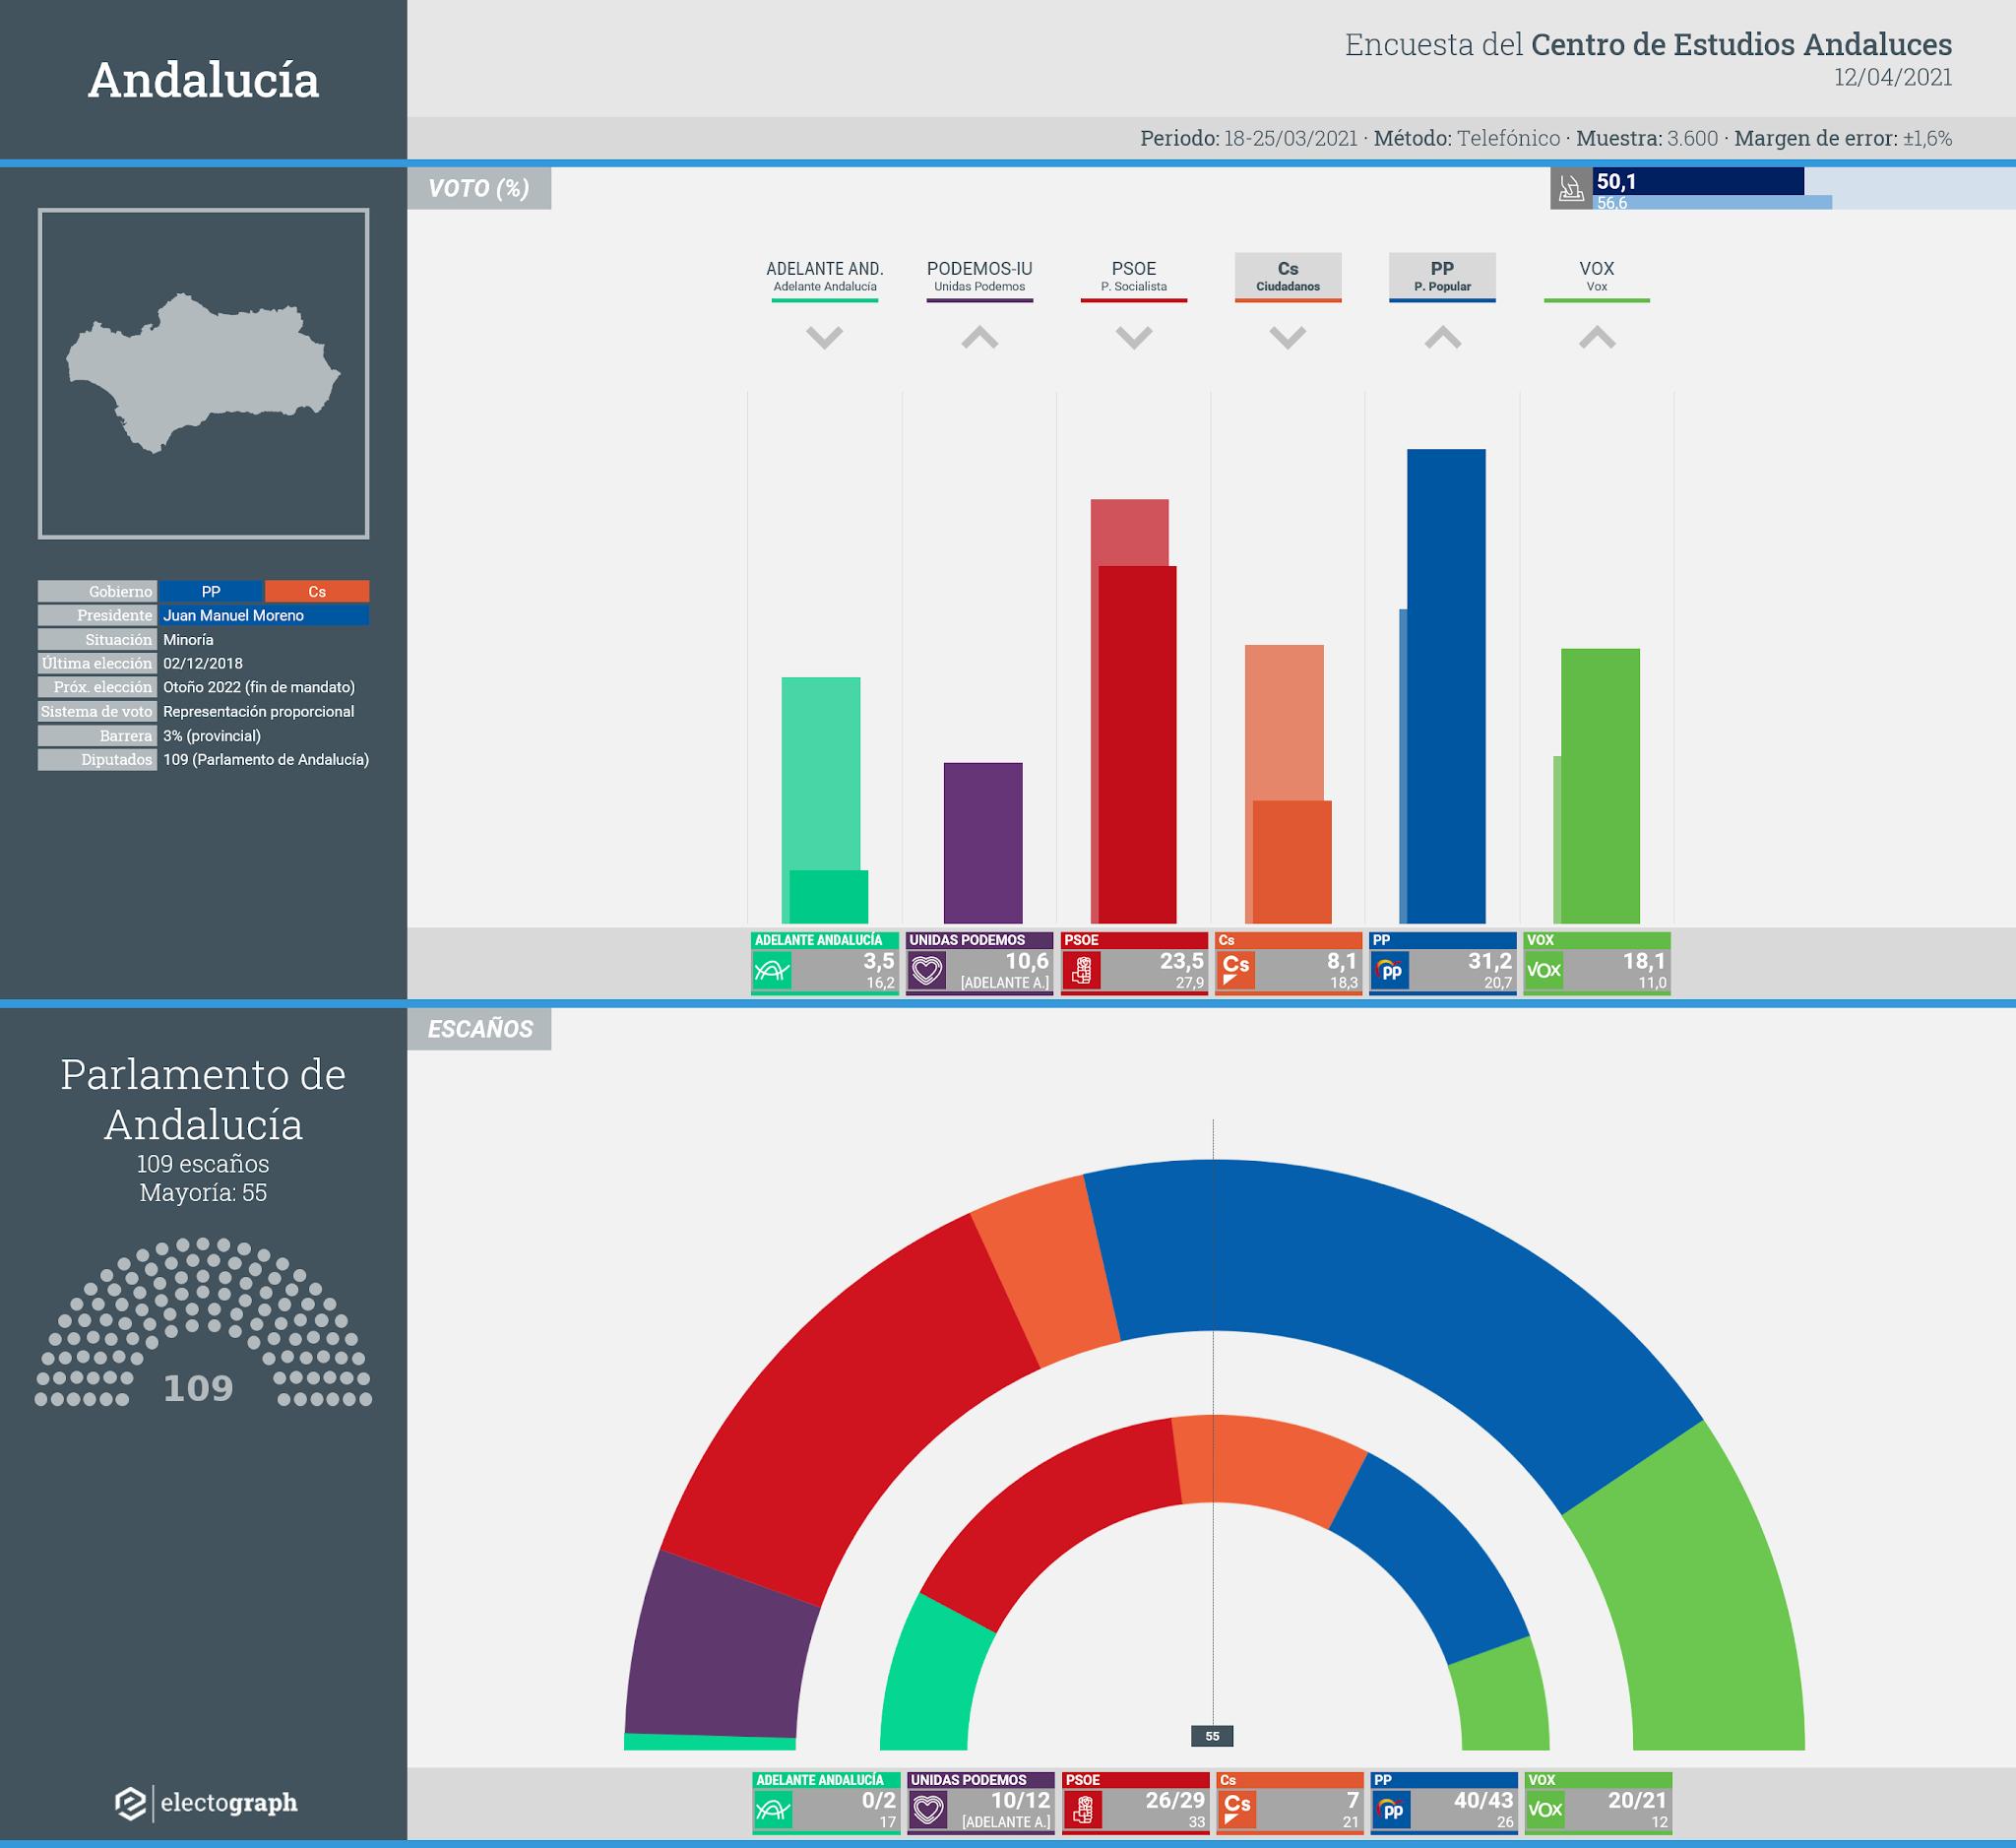 Gráfico de la encuesta para elecciones autonómicas en Andalucía realizada por el Centro de Estudios Andaluces, 12 de abril de 2021